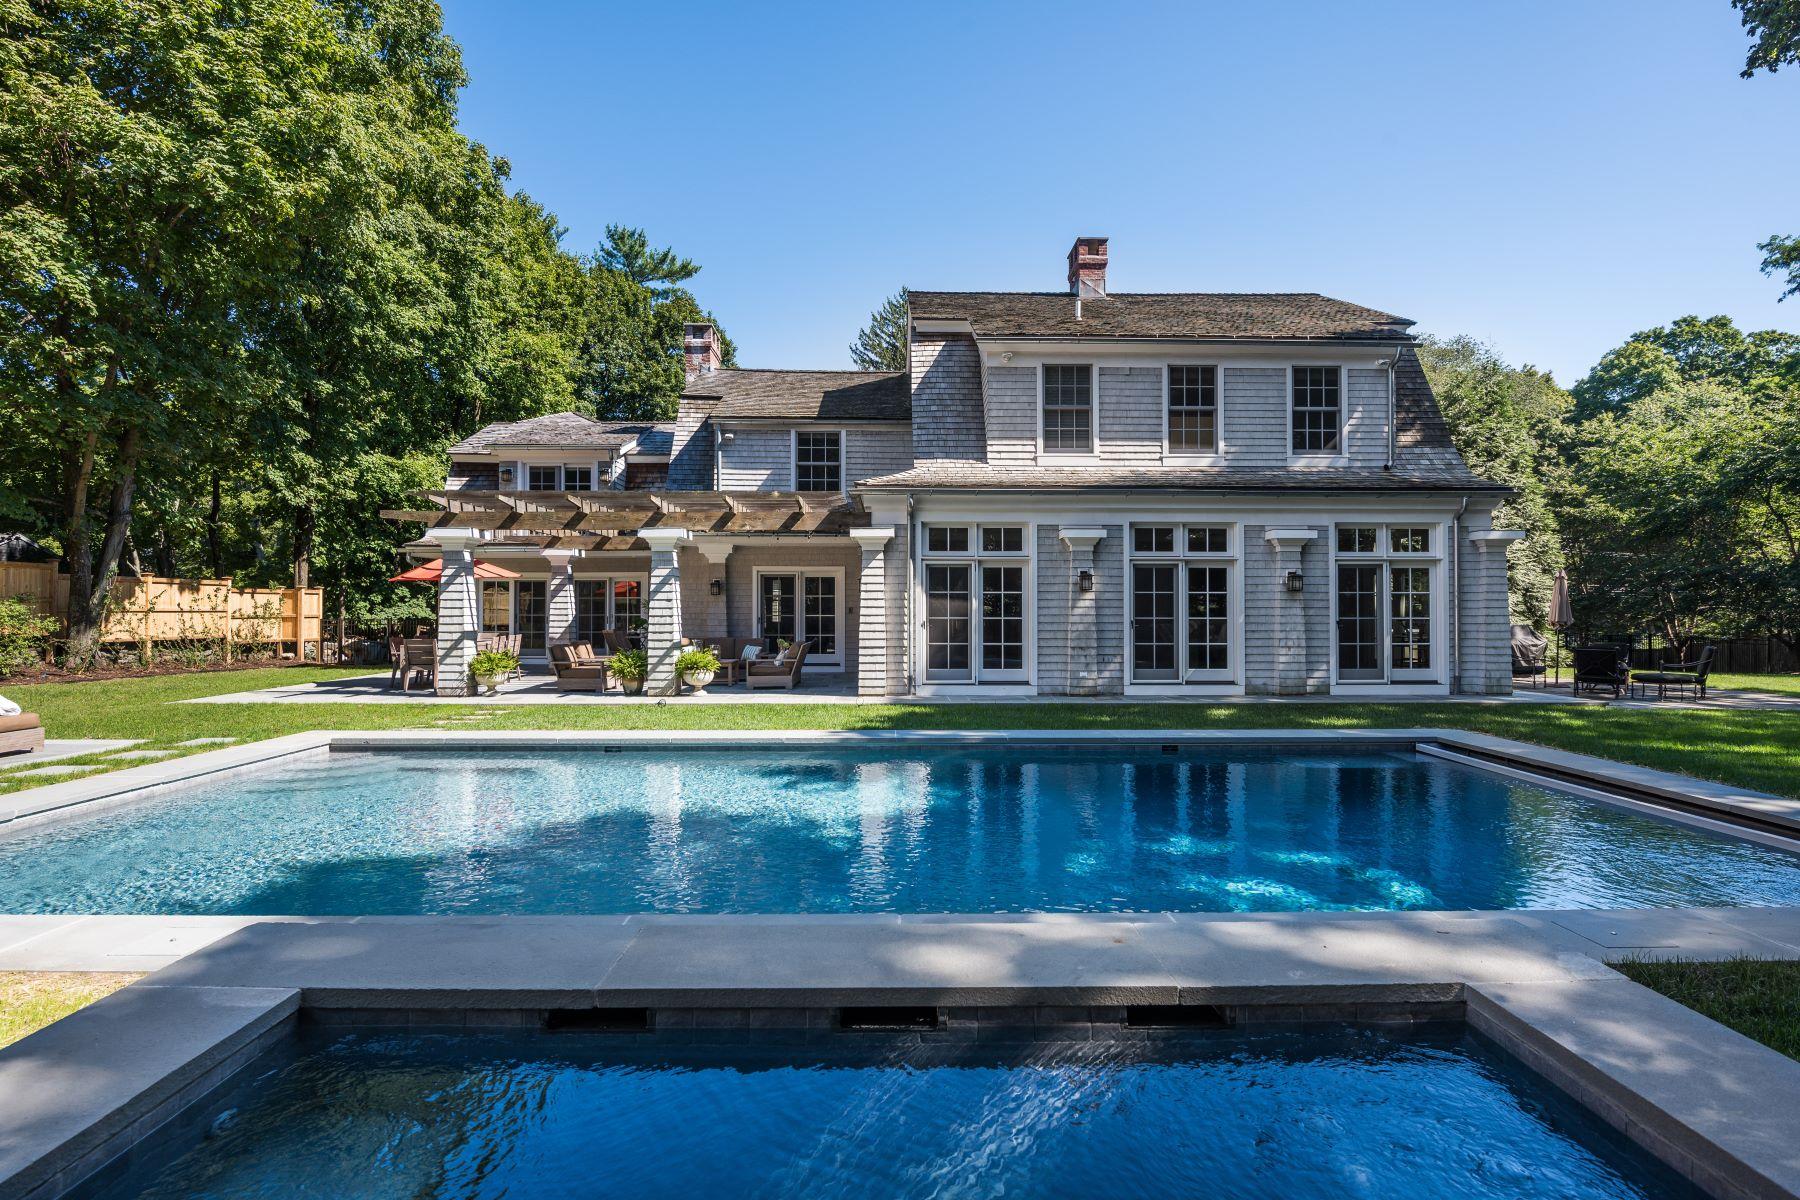 Casa Unifamiliar por un Venta en Elegant Westport Property on Compo Road 100 Compo Road South Westport, Connecticut 06880 Estados Unidos